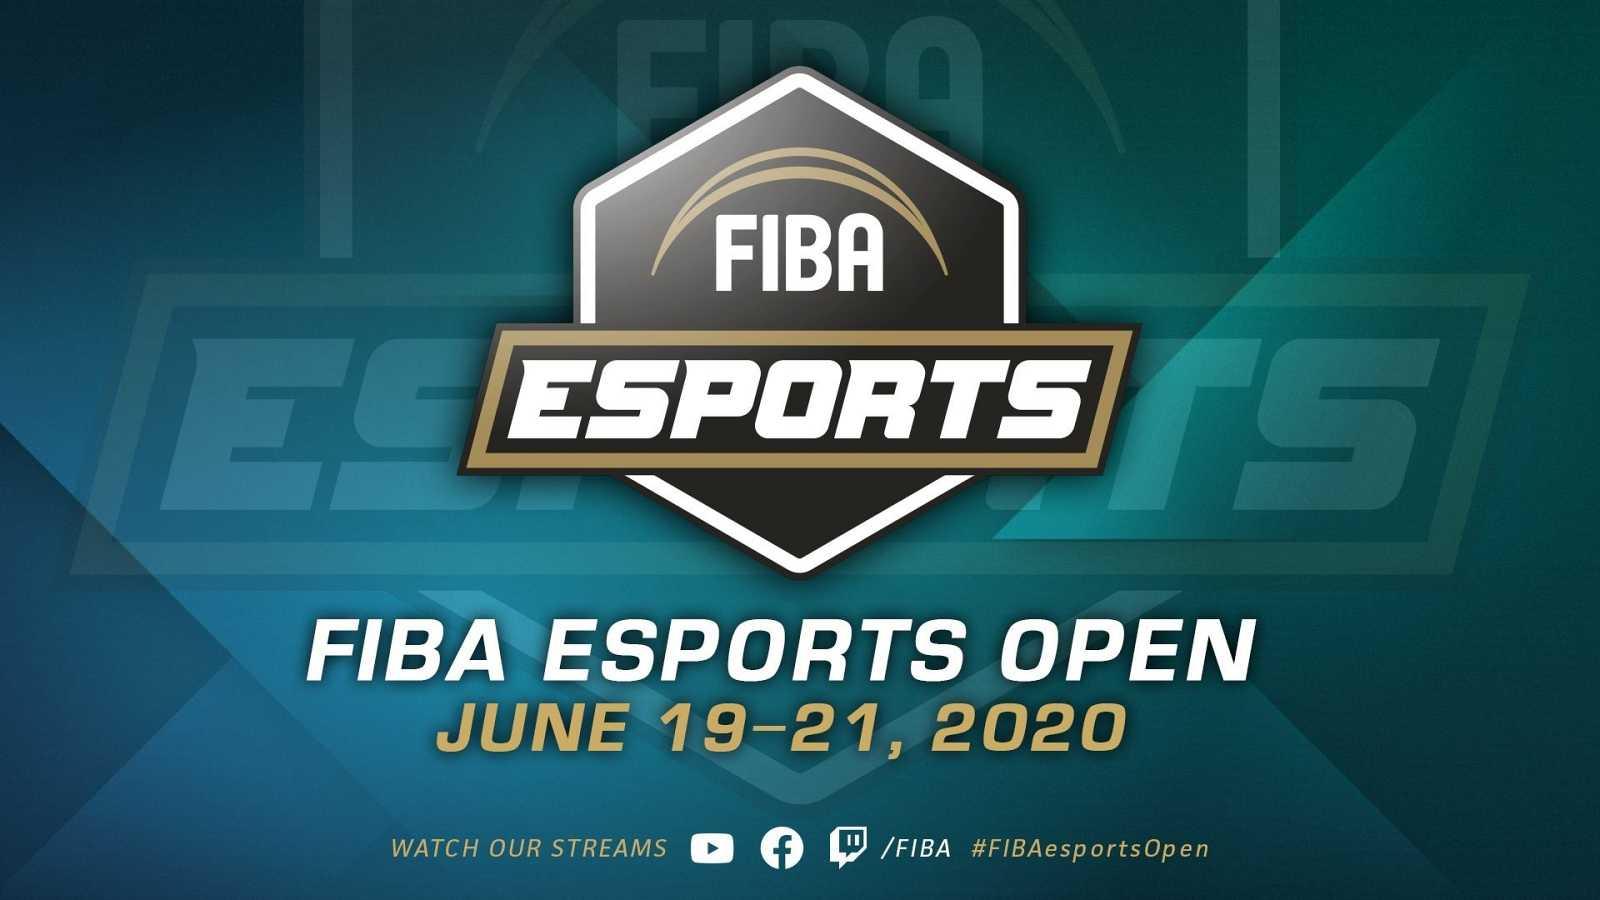 Imagen promocional del primer torneo internacional de eSports organizado por la FIBA